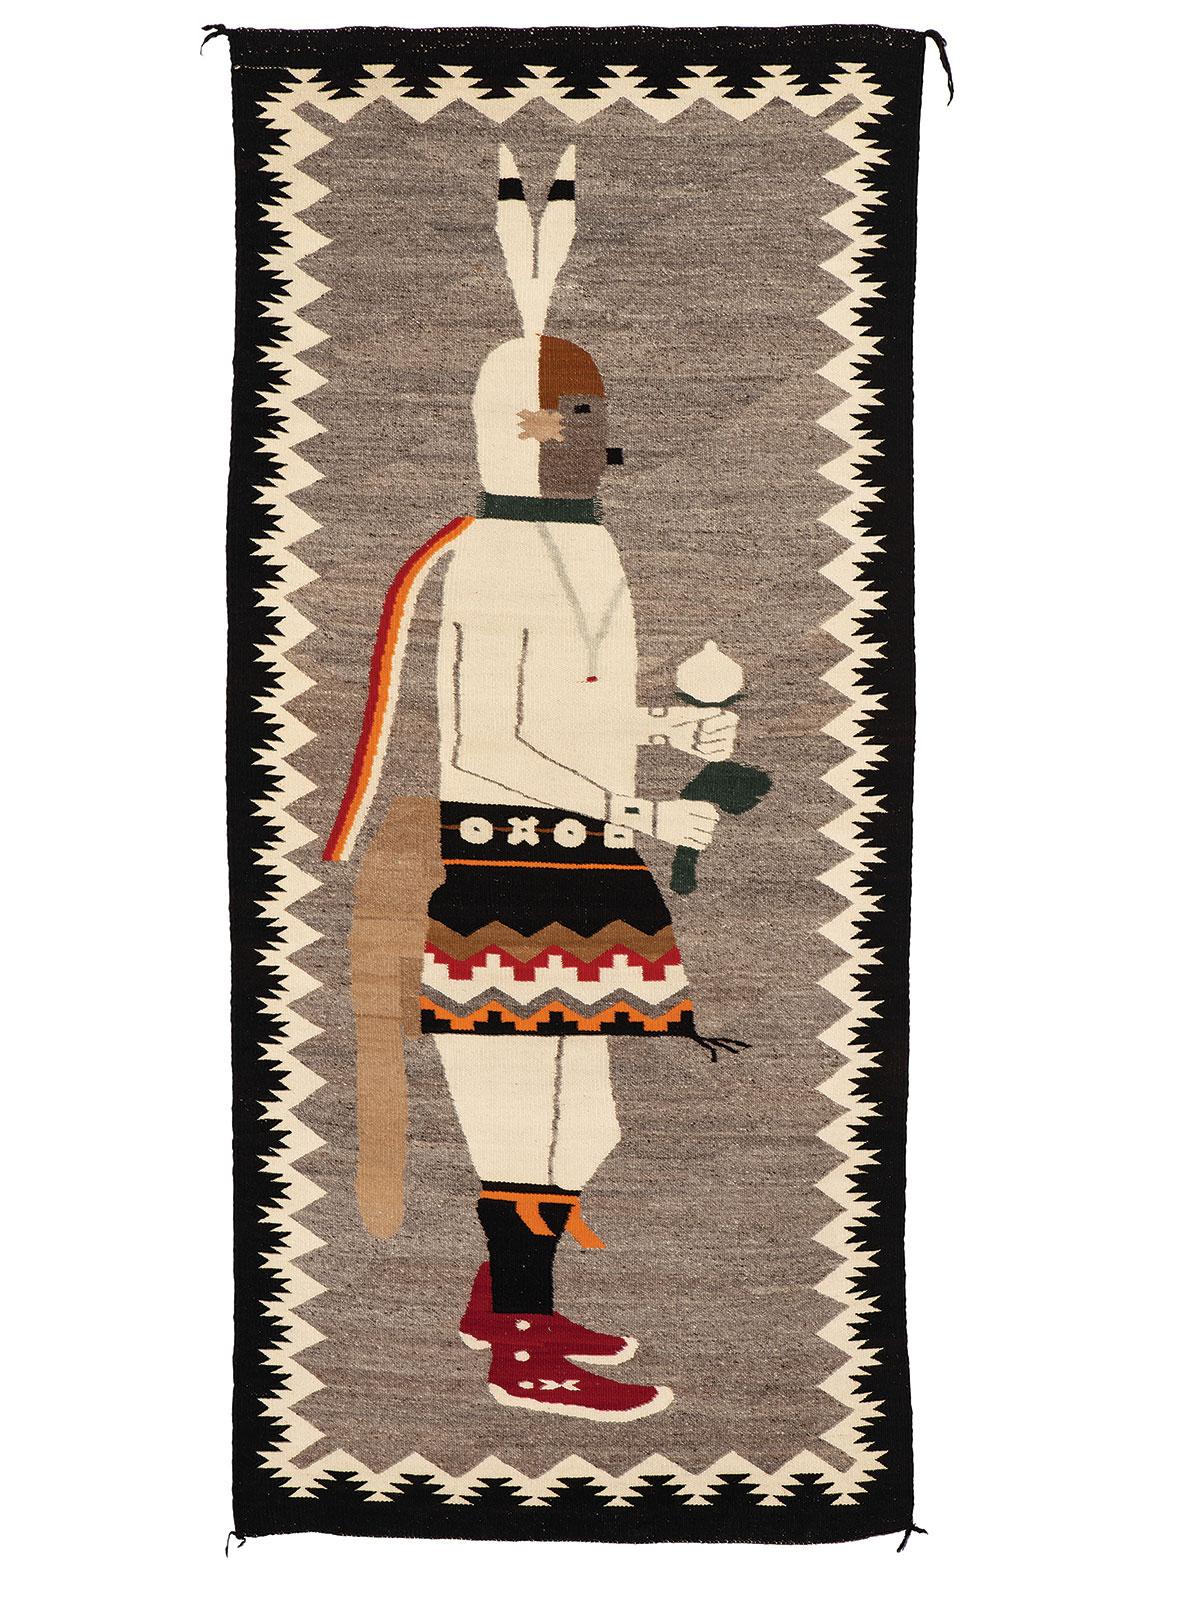 Yeibichai Dancer Pictorial